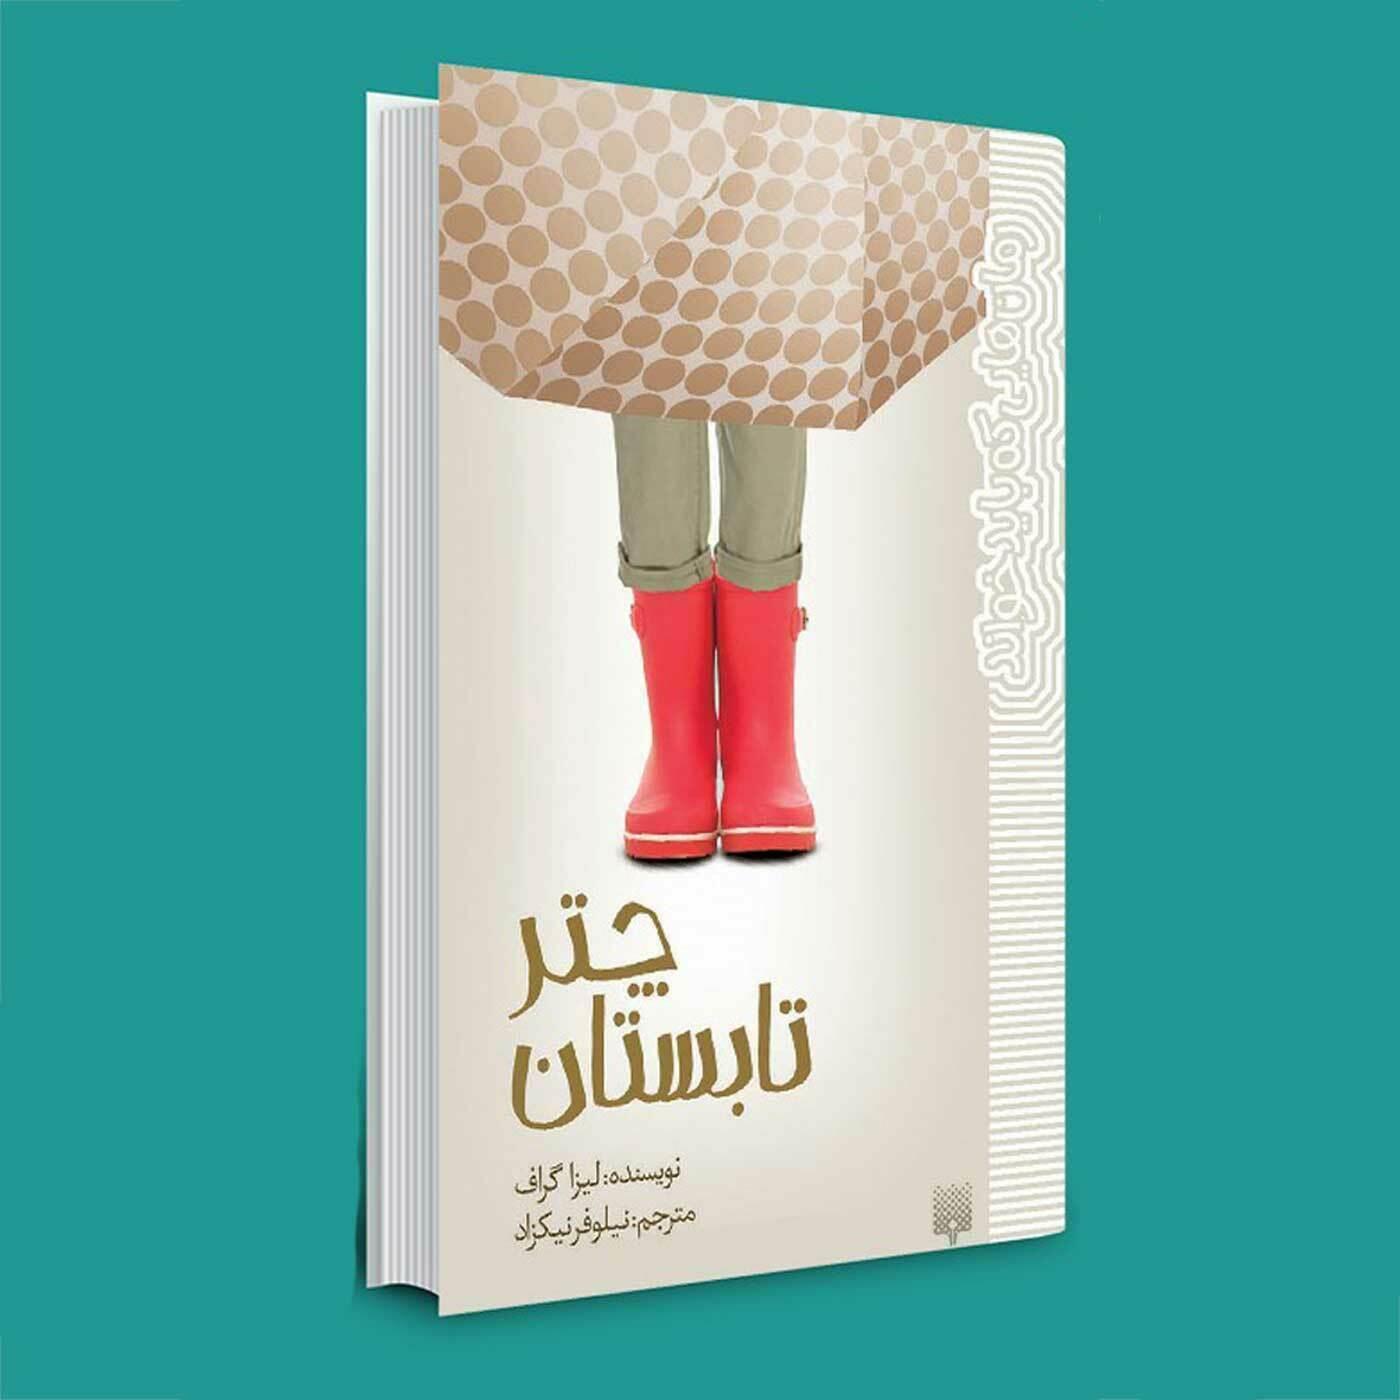 کتاب چتر تابستان